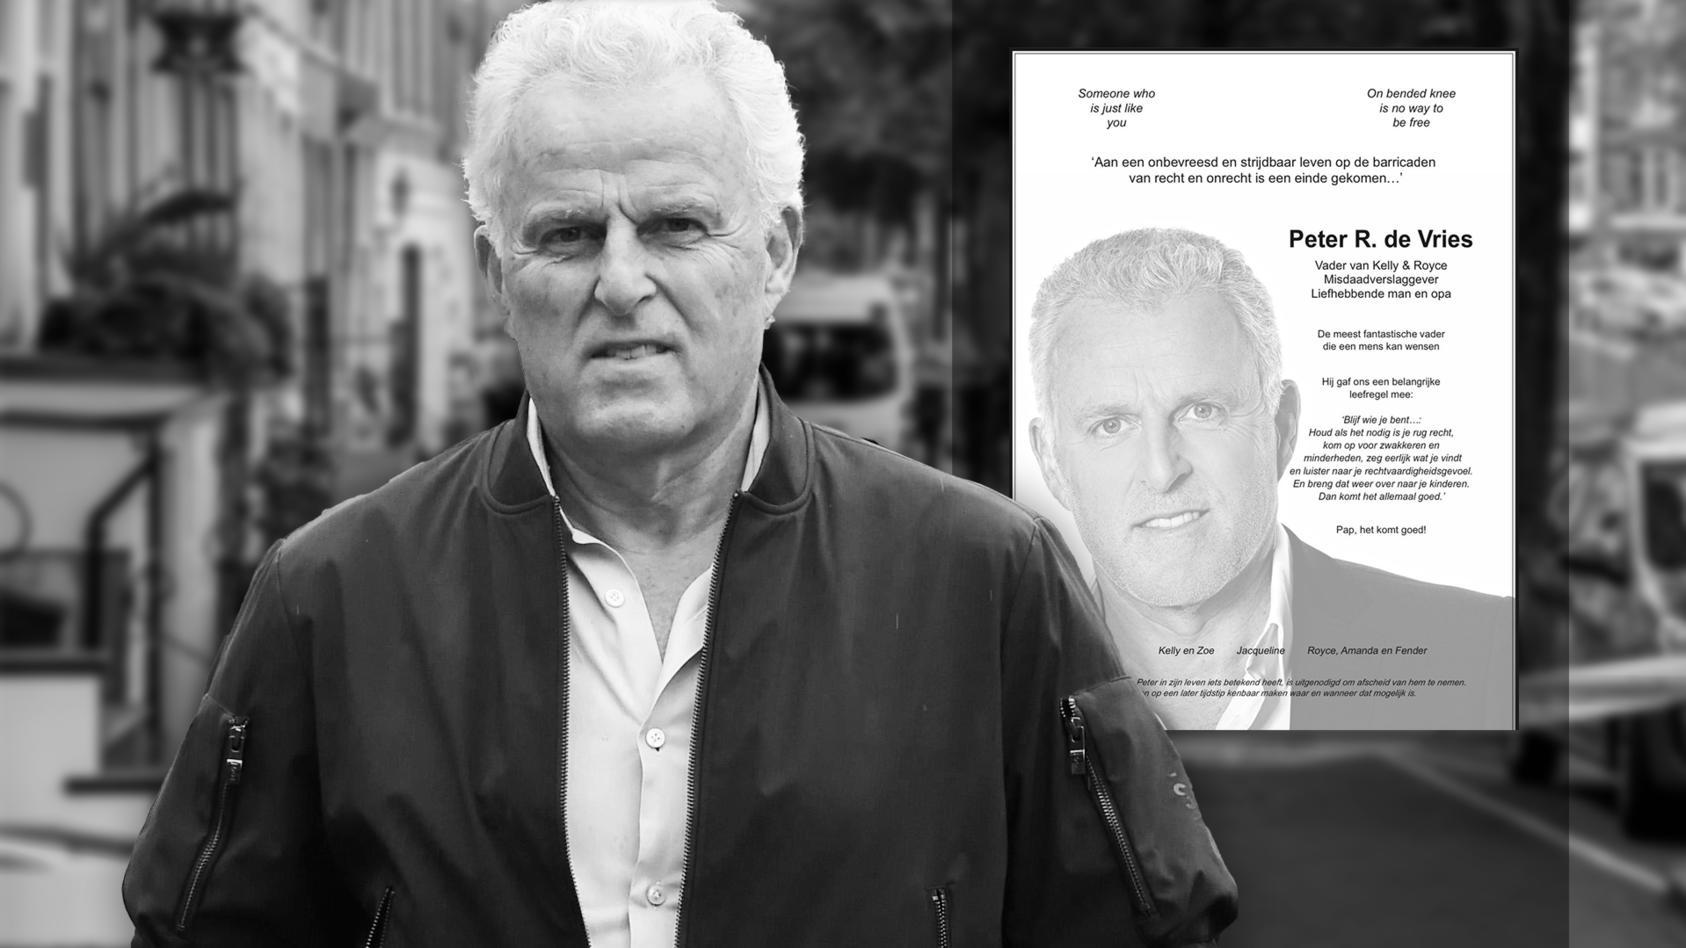 Mit dieser emotionalen Todesanzeige verabschieden sich die Kinder des ermordeten Peter de Vries, Royce und Kelly von ihrem Vater.